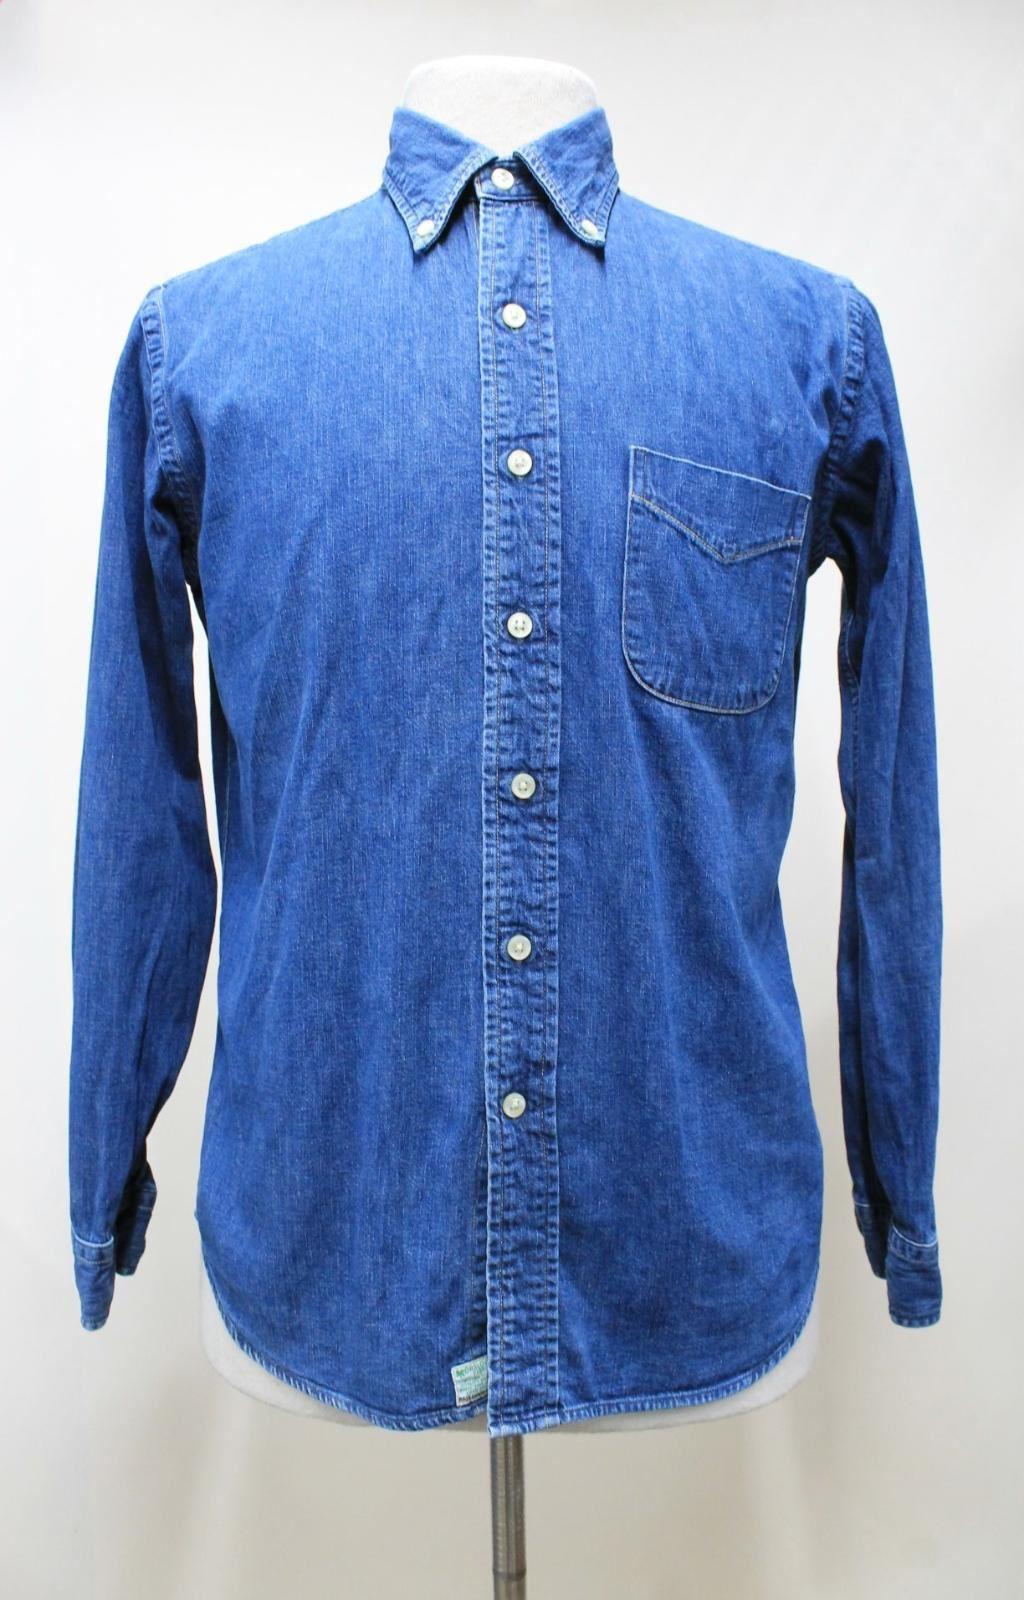 Orslow-Hombres-Azul-Algodon-Denim-Con-Cuello-Botones-camisa-de-mangas-largas-Talla-XL